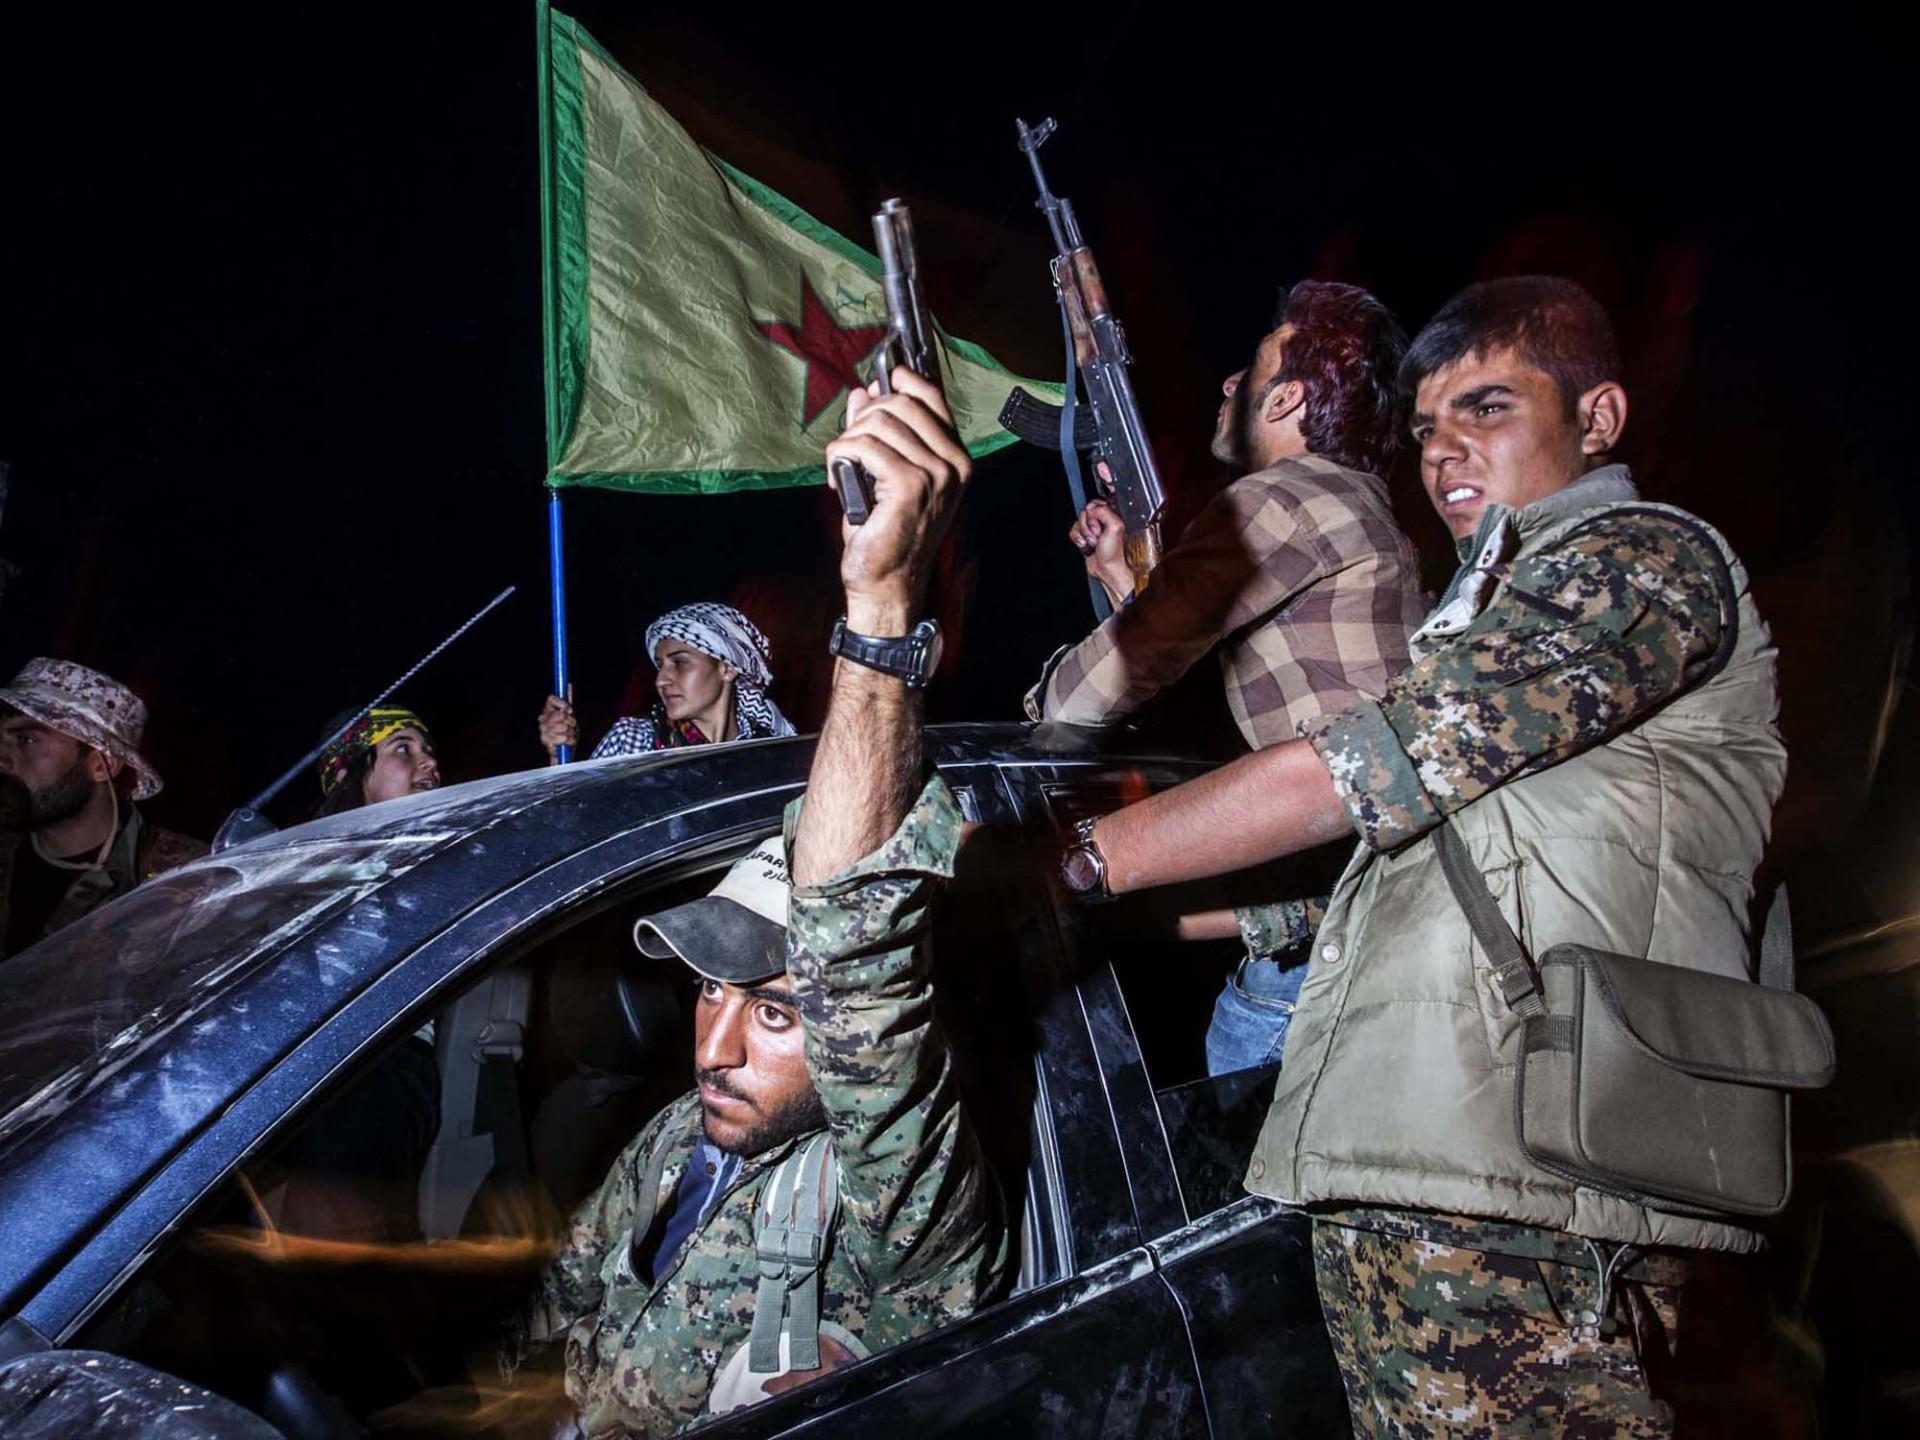 Siria.Kobane.15.6.15. Soldati appartenti allo YPG e YPJ entrano in trionfo nella cittá dopo aver  liberato la strada che unisce il cantone di Kobane con quello del Rojava tagliando in due l'autoproclamato stato islamico nel Kurdistan.